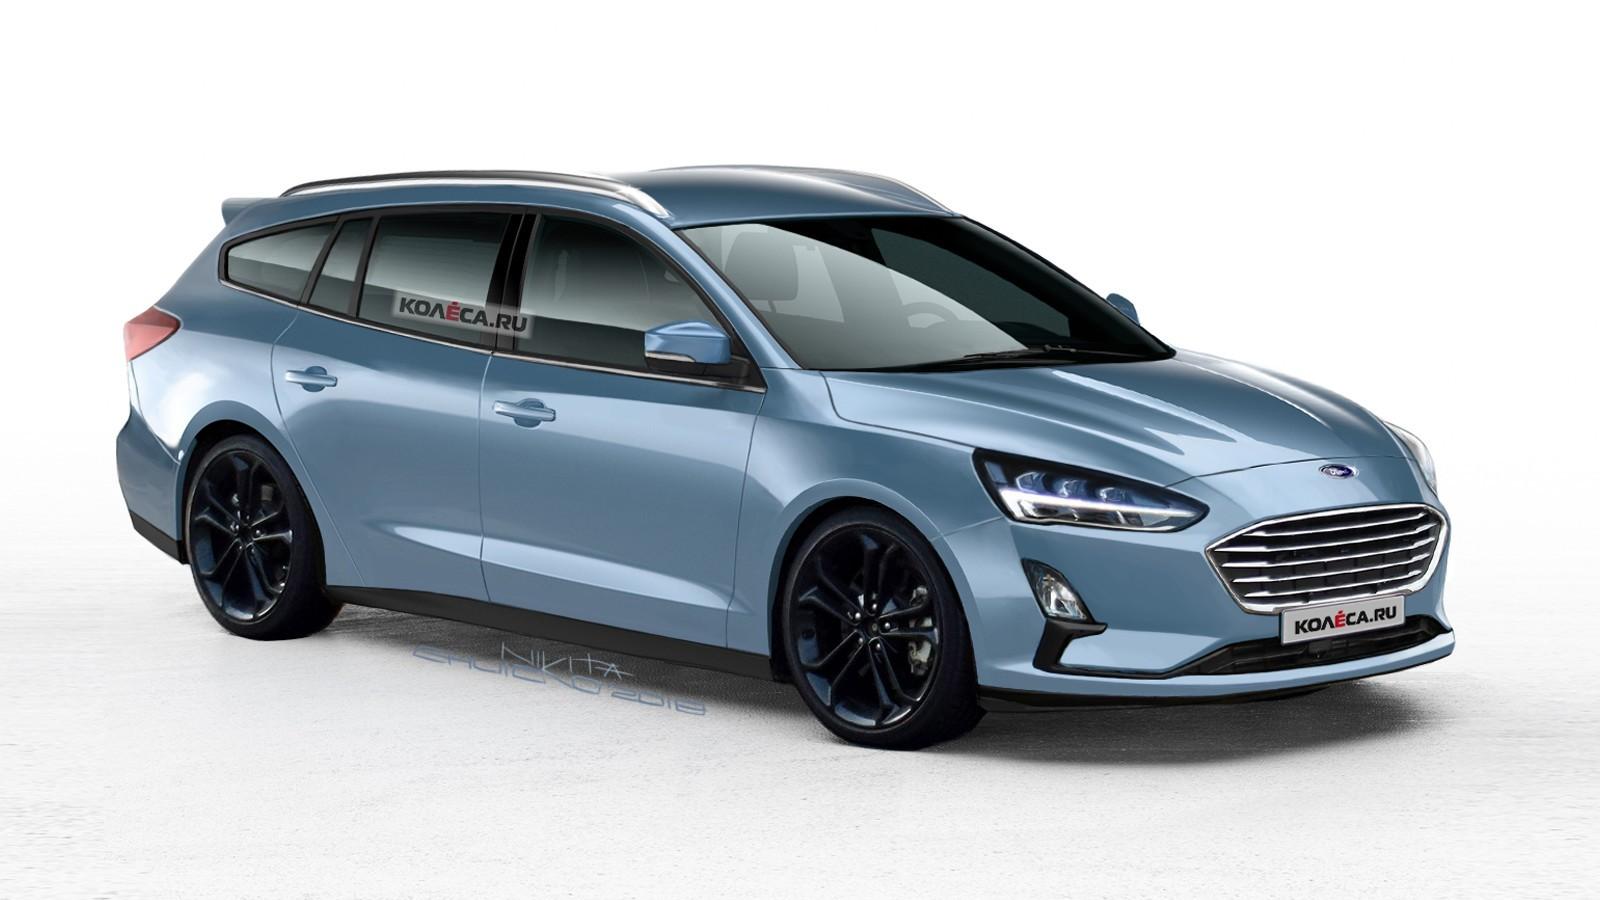 На фото: универсал Ford Focus в интерпретации художника портала Колёса.ру